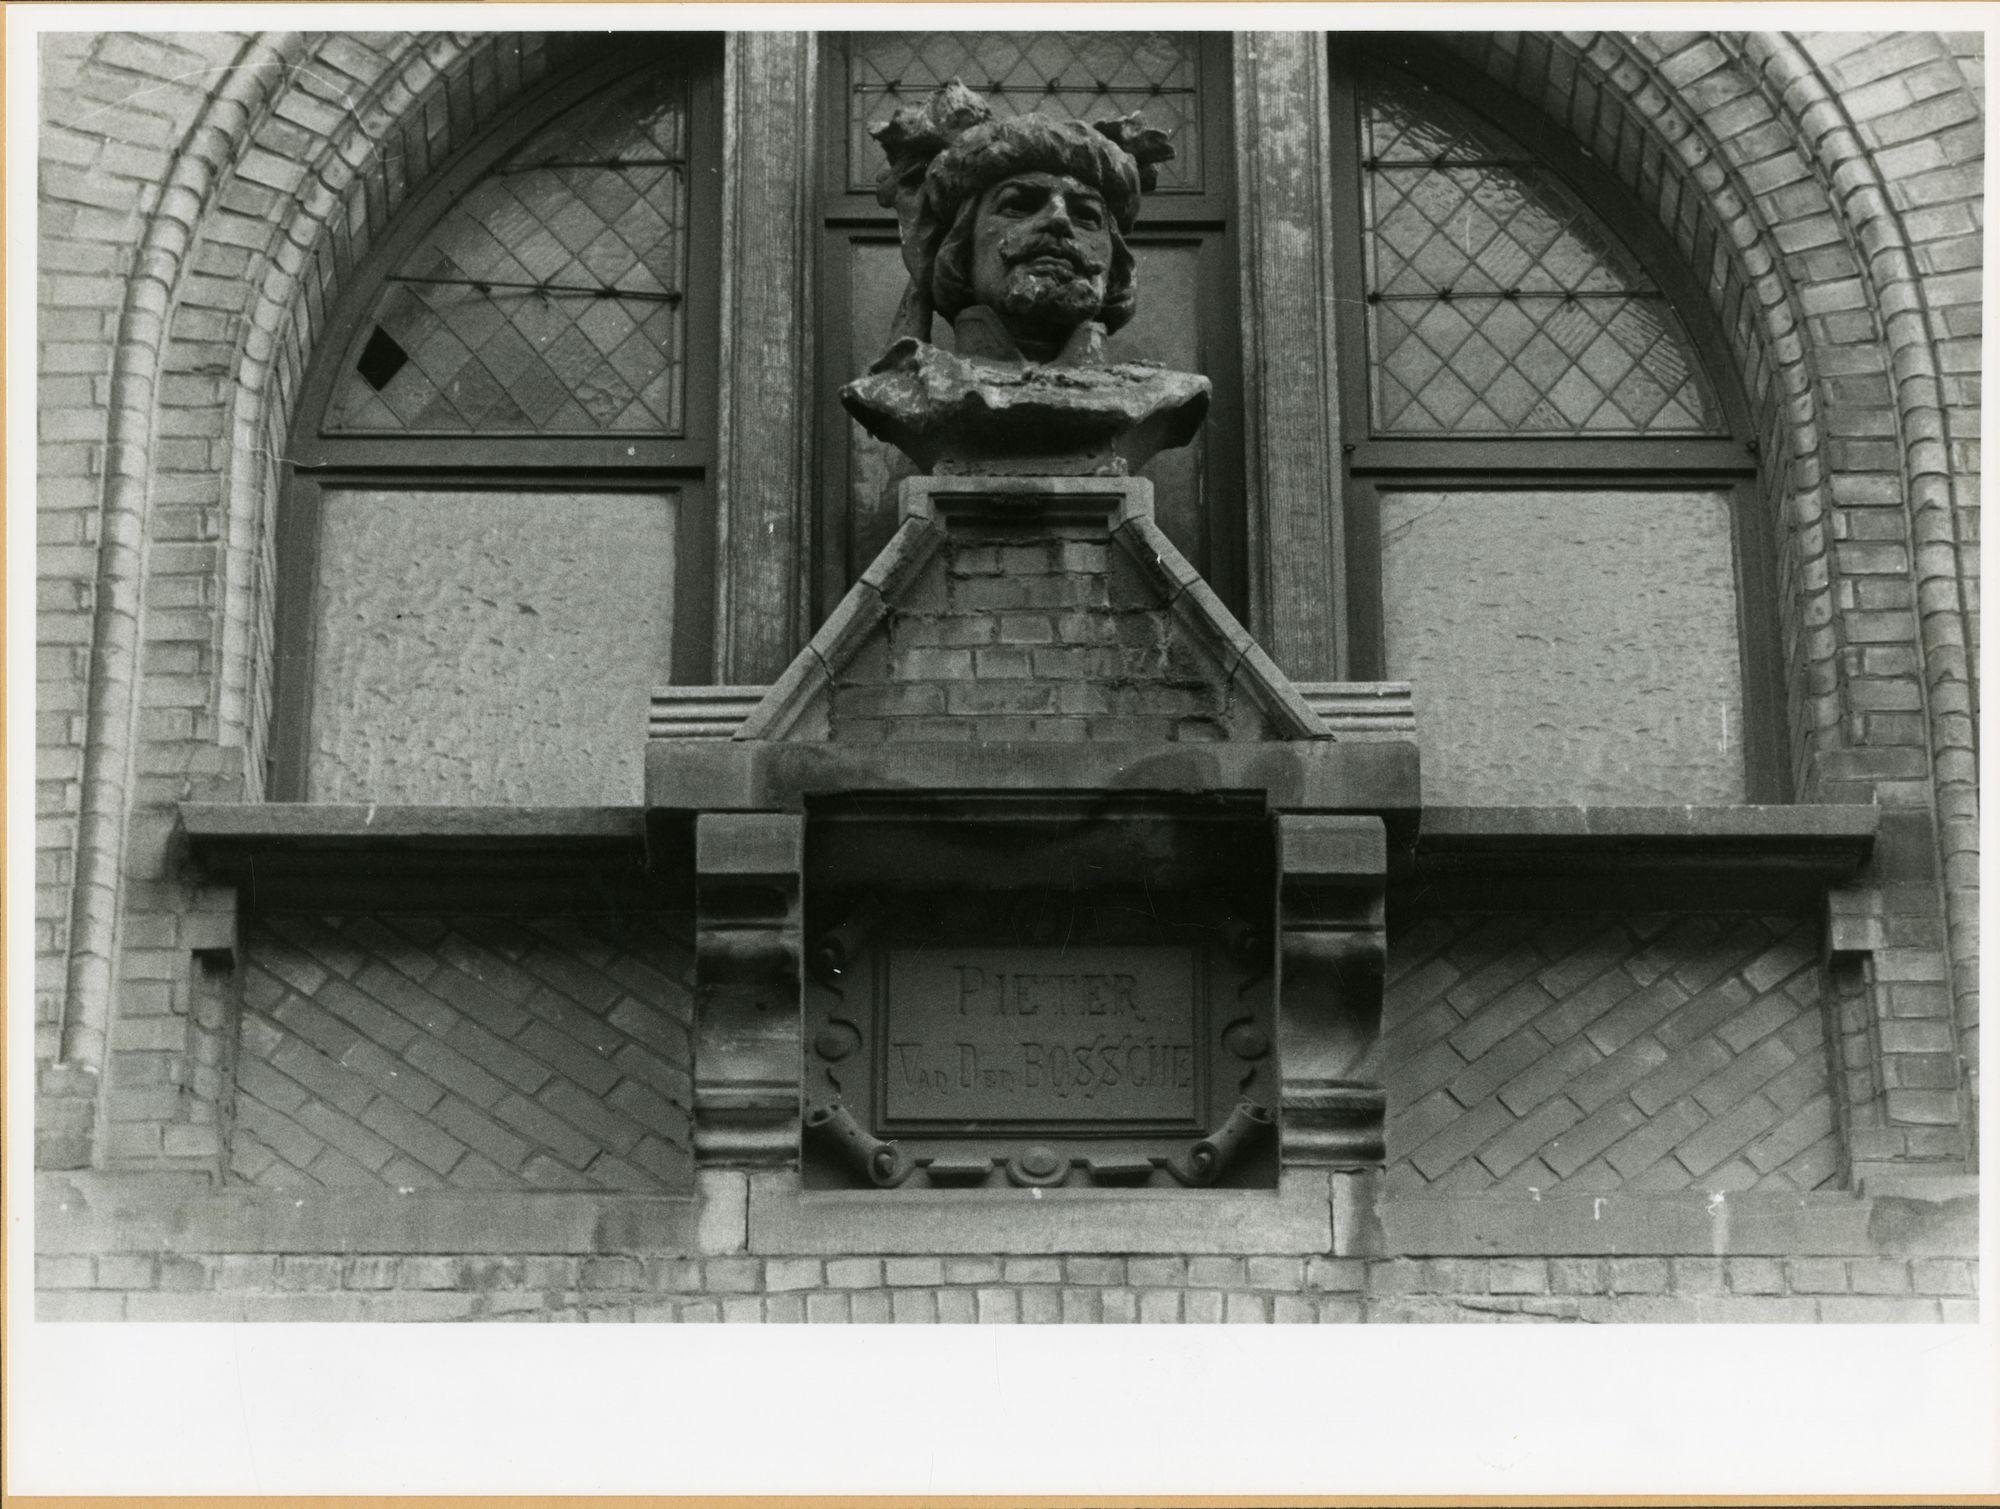 Gent: Belfortstraat: buste: Pieter van den Bossche, 1979